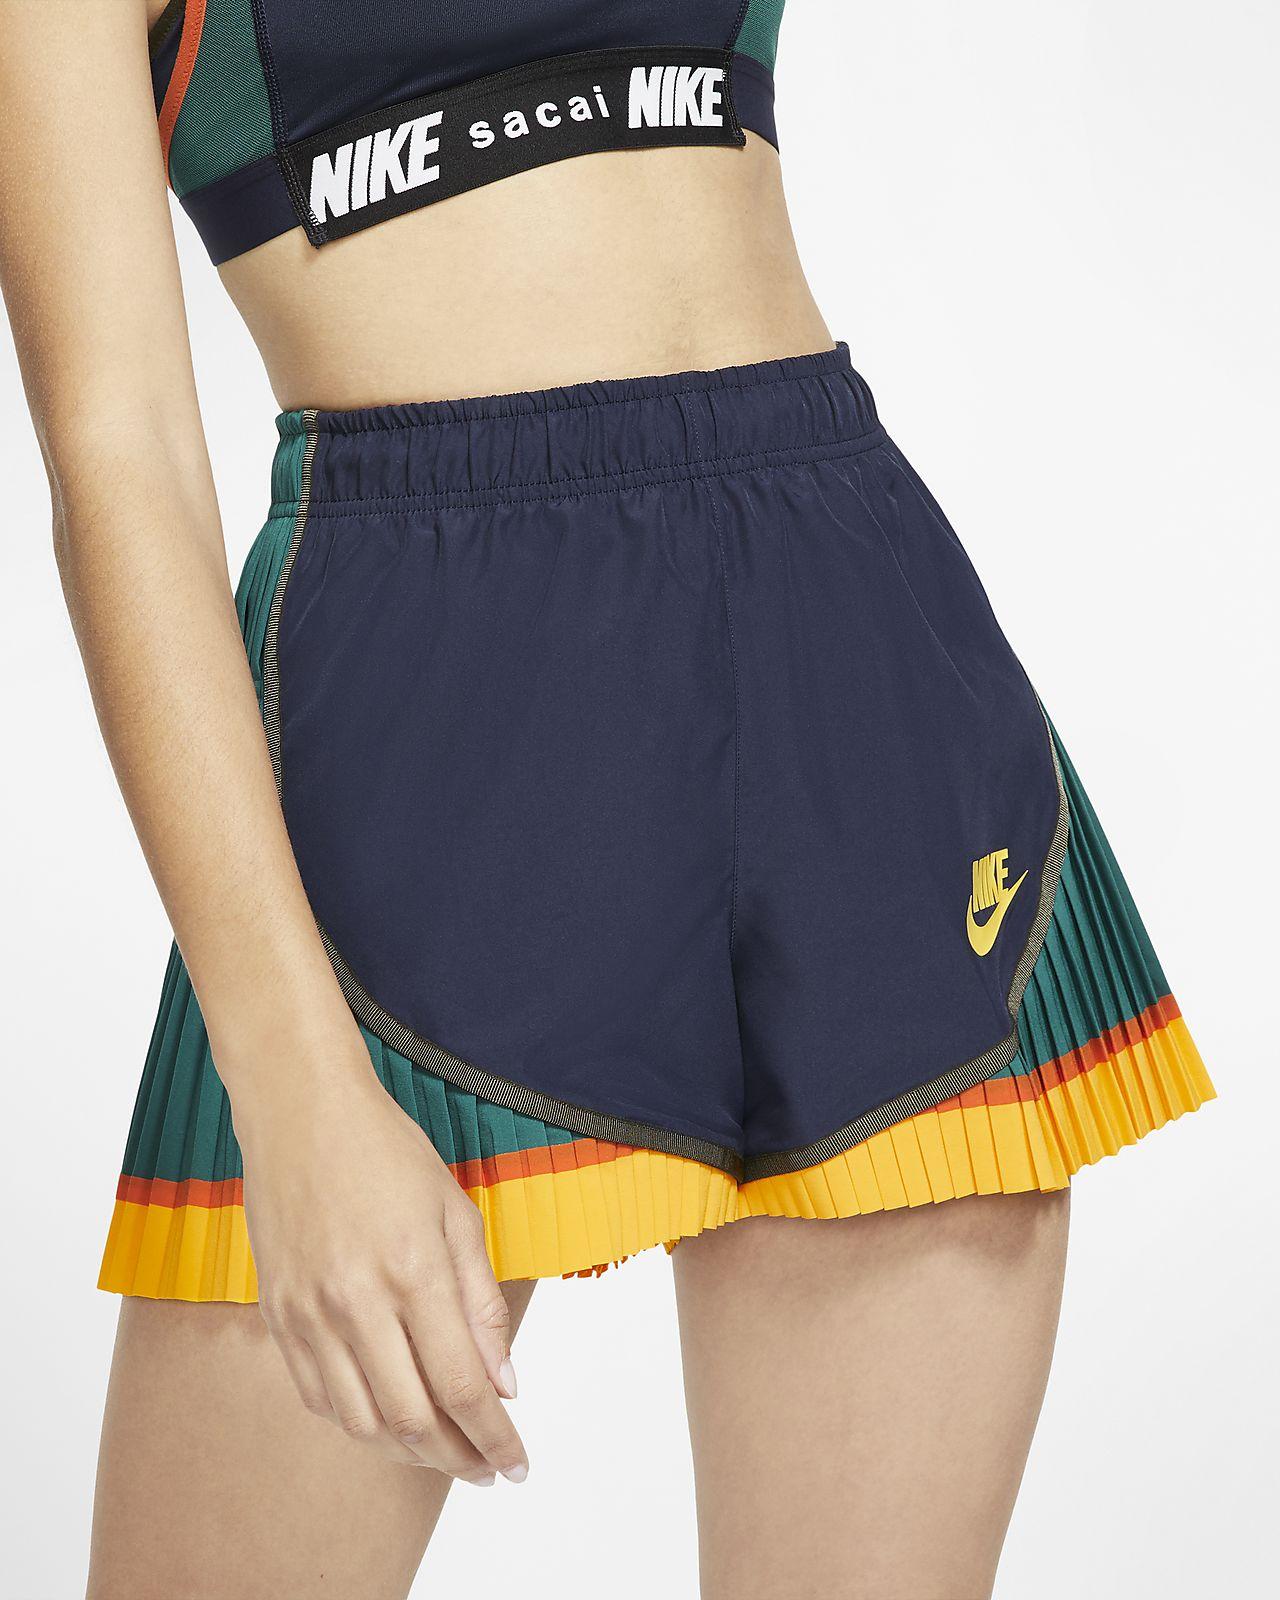 Nike x Sacai Pantalons curts Tempo prisats - Dona